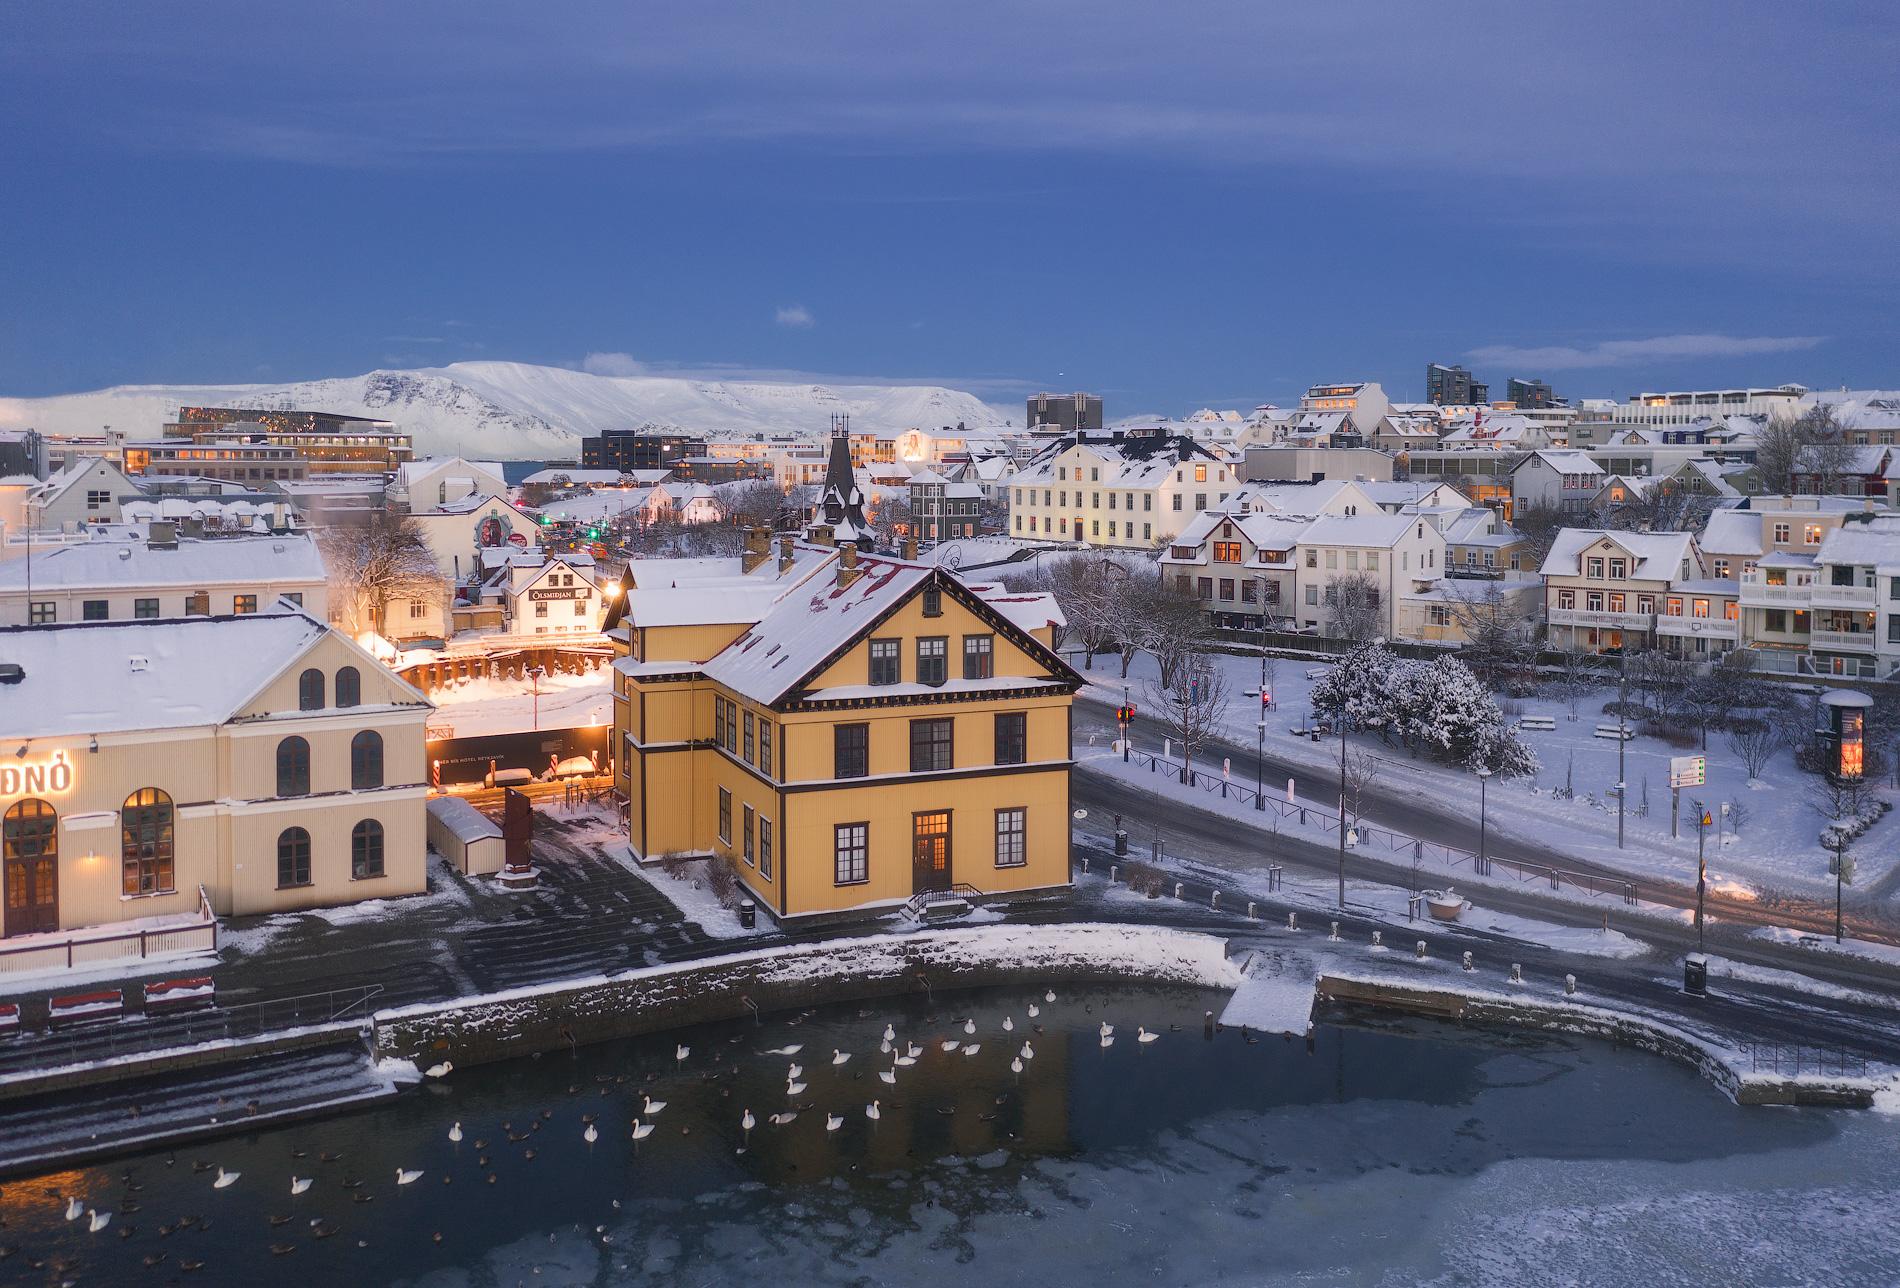 En hiver, l'étang, Tjörnin gèle complètement et certains habitants aiment y aller en patinant.